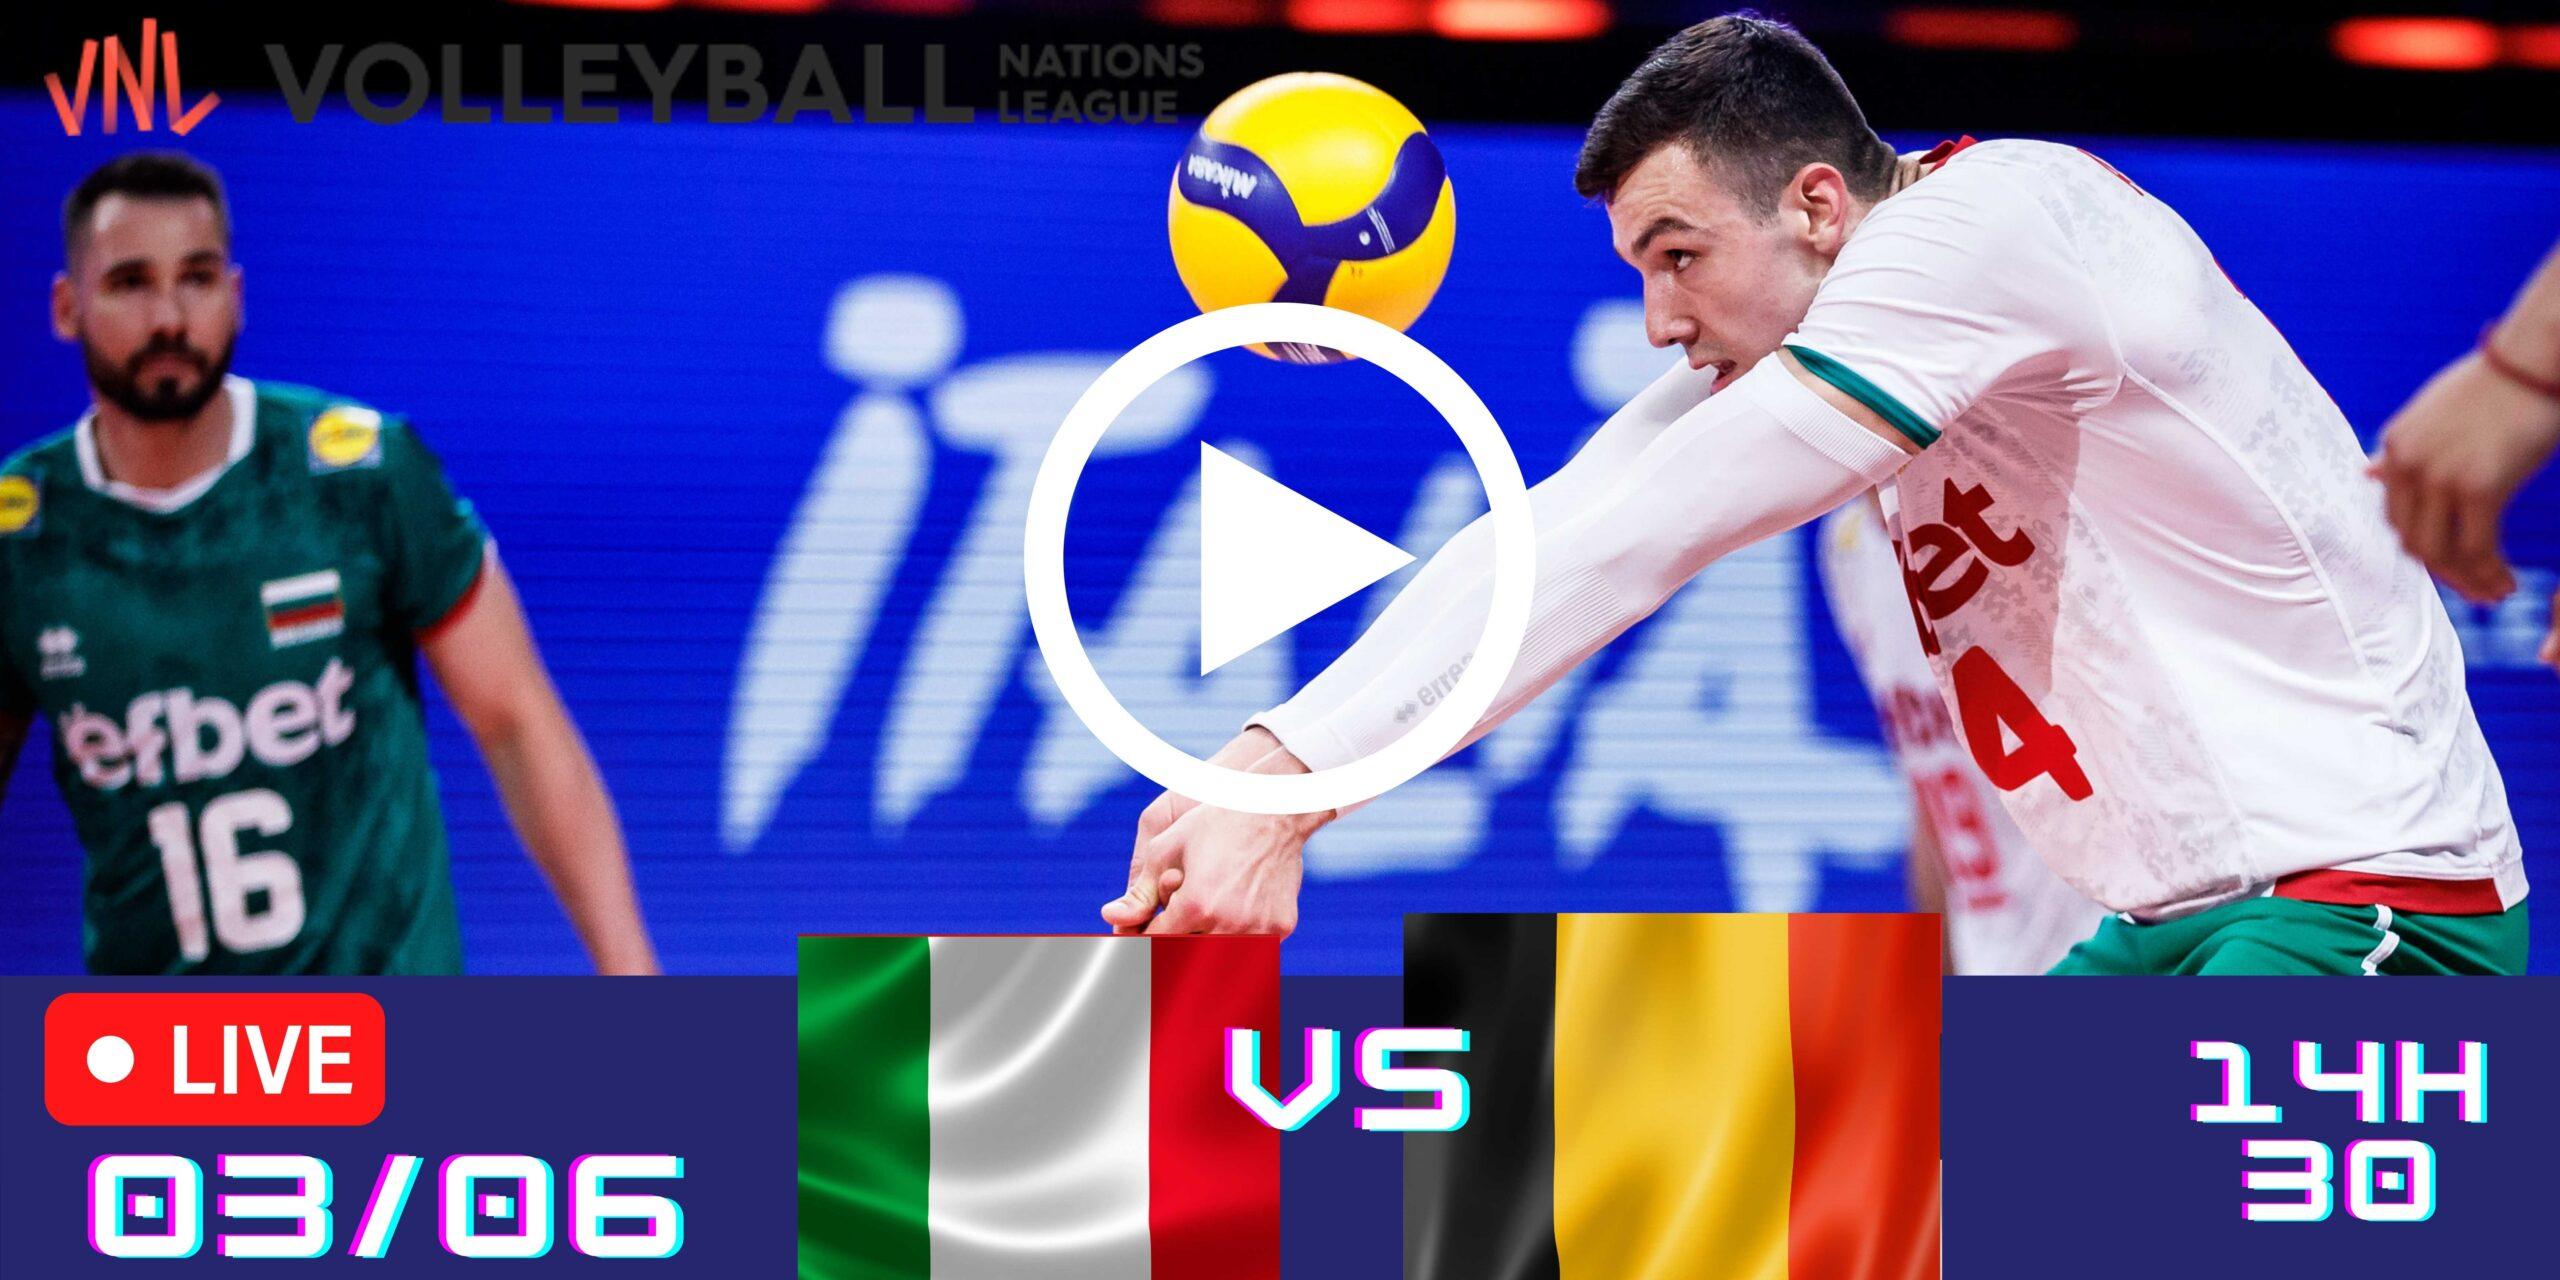 Resultado: Itália 3 vs 2 Bulgária – Liga das Nações – 03/06 – 14h30